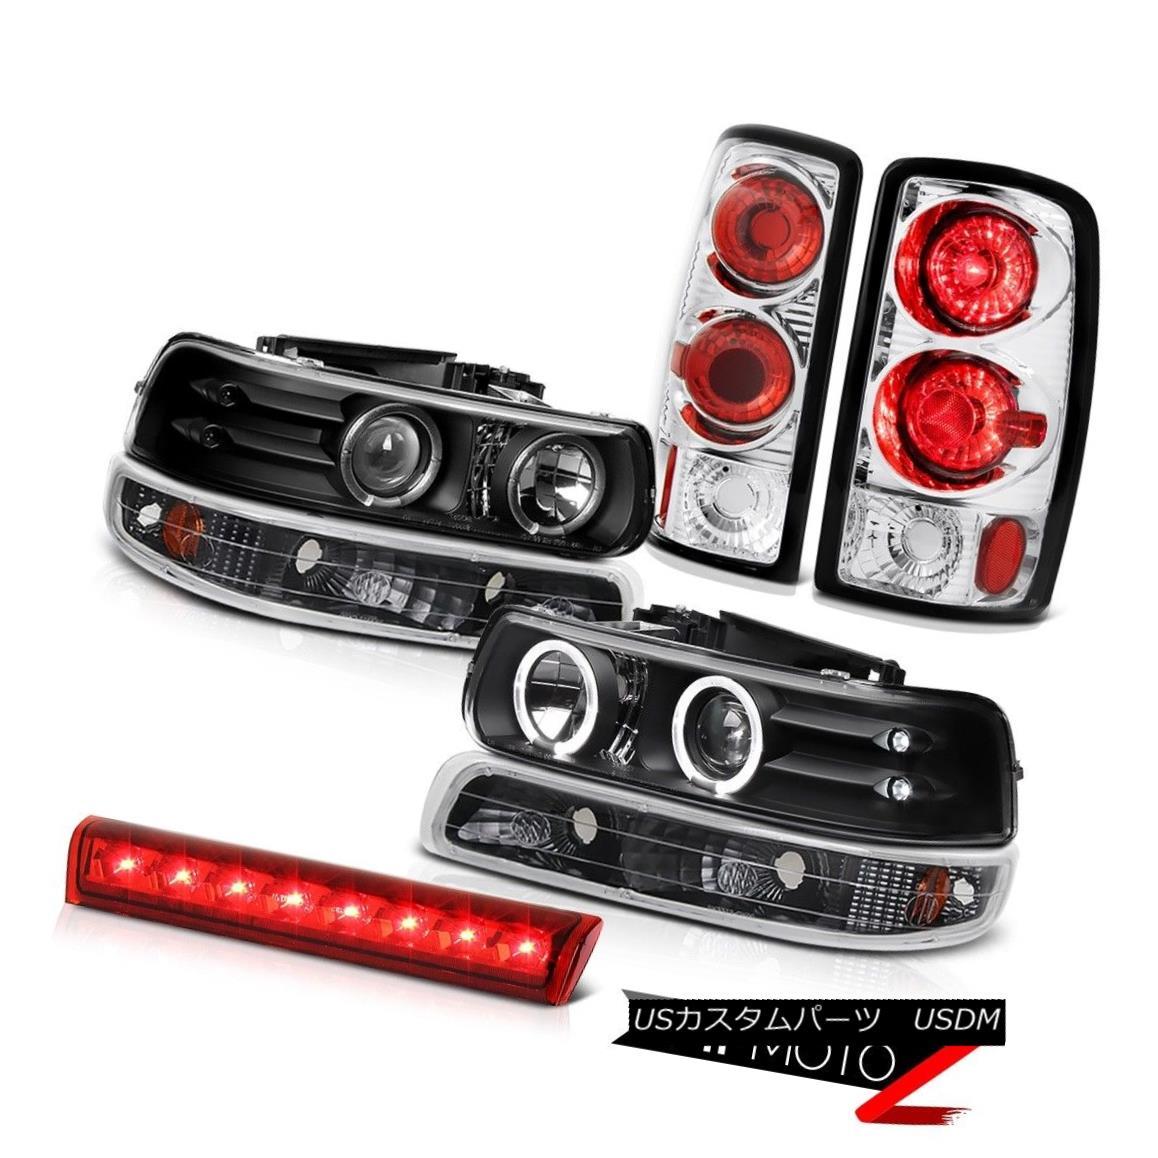 ヘッドライト LED Projector Headlights Matte Black Lights Third Brake 2000-2006 Suburban 6.0L LEDプロジェクターヘッドライトマットブラックライト第3ブレーキ2000-2006郊外6.0L